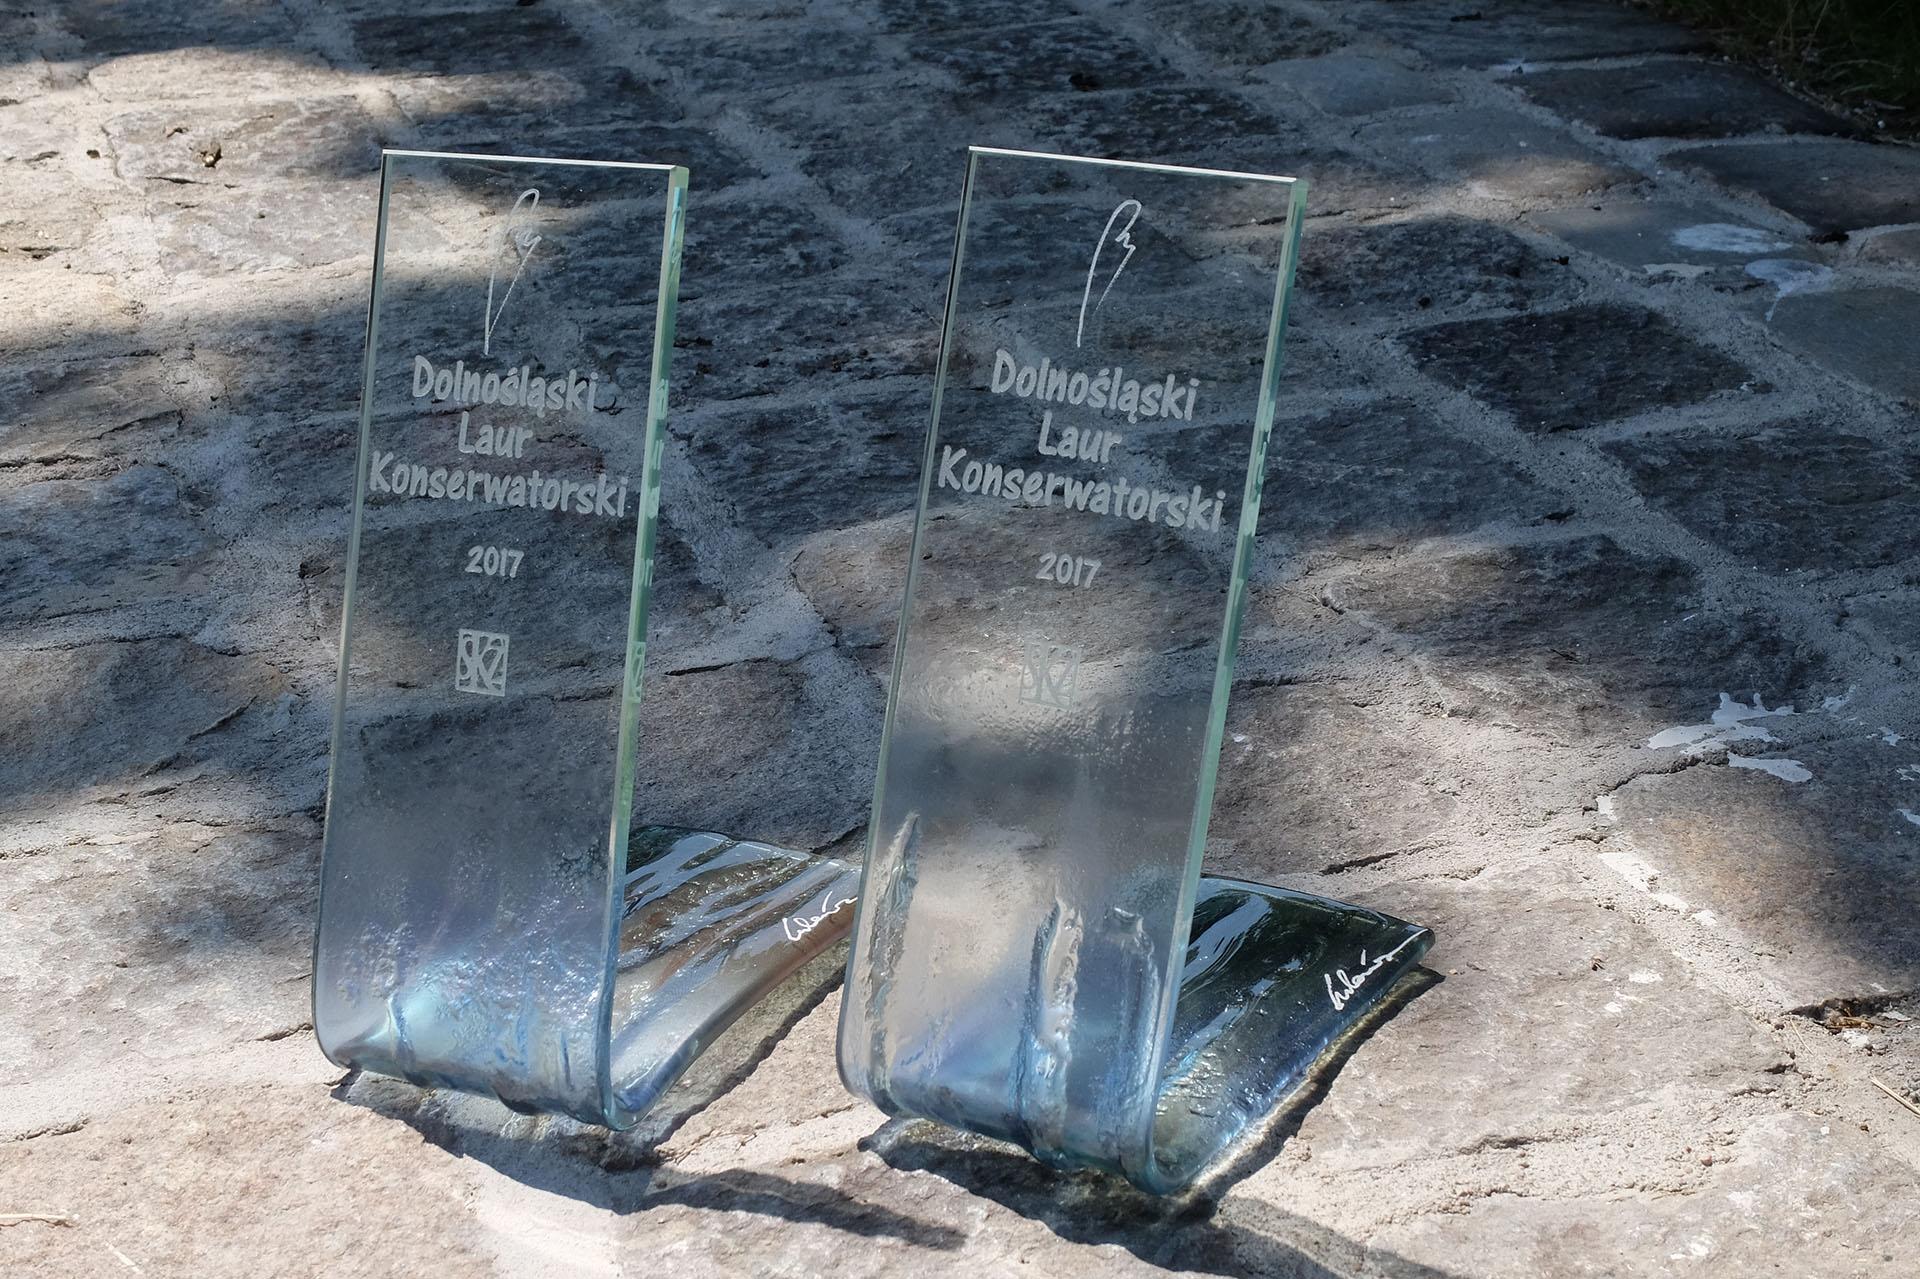 Archiglass Art Glass Prize Szklana Artystyczna Nagroda Statuetka Laur Konserwatorski Pion Bent